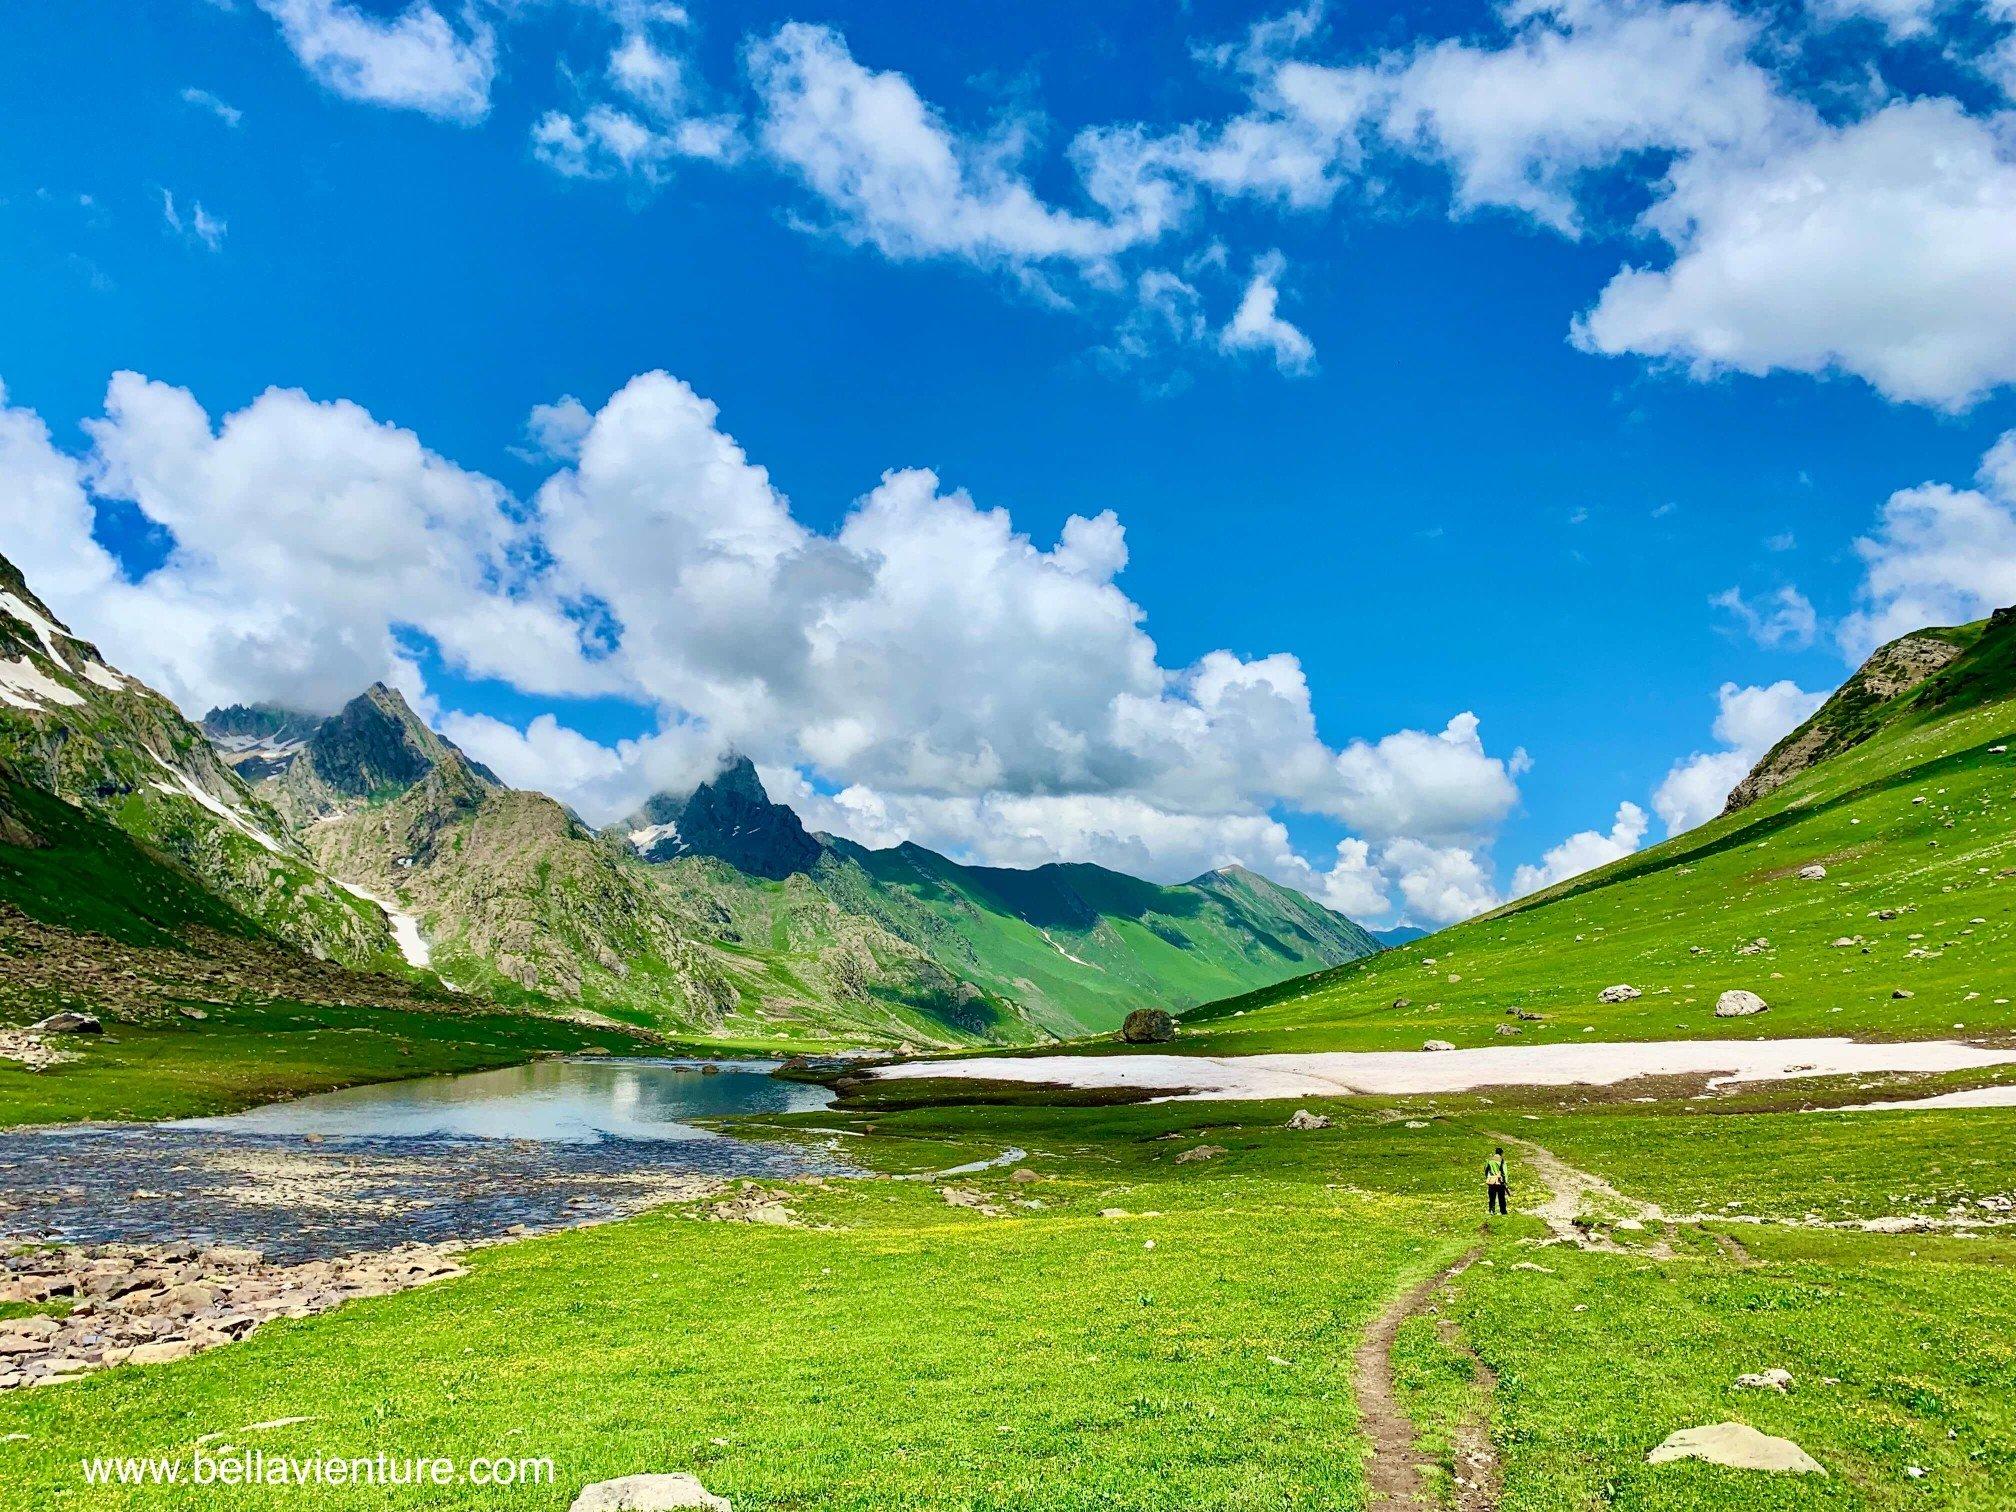 印度India 北北印 North India 喀什米爾 Kashmir 大湖健行 trekking 藍天白雲